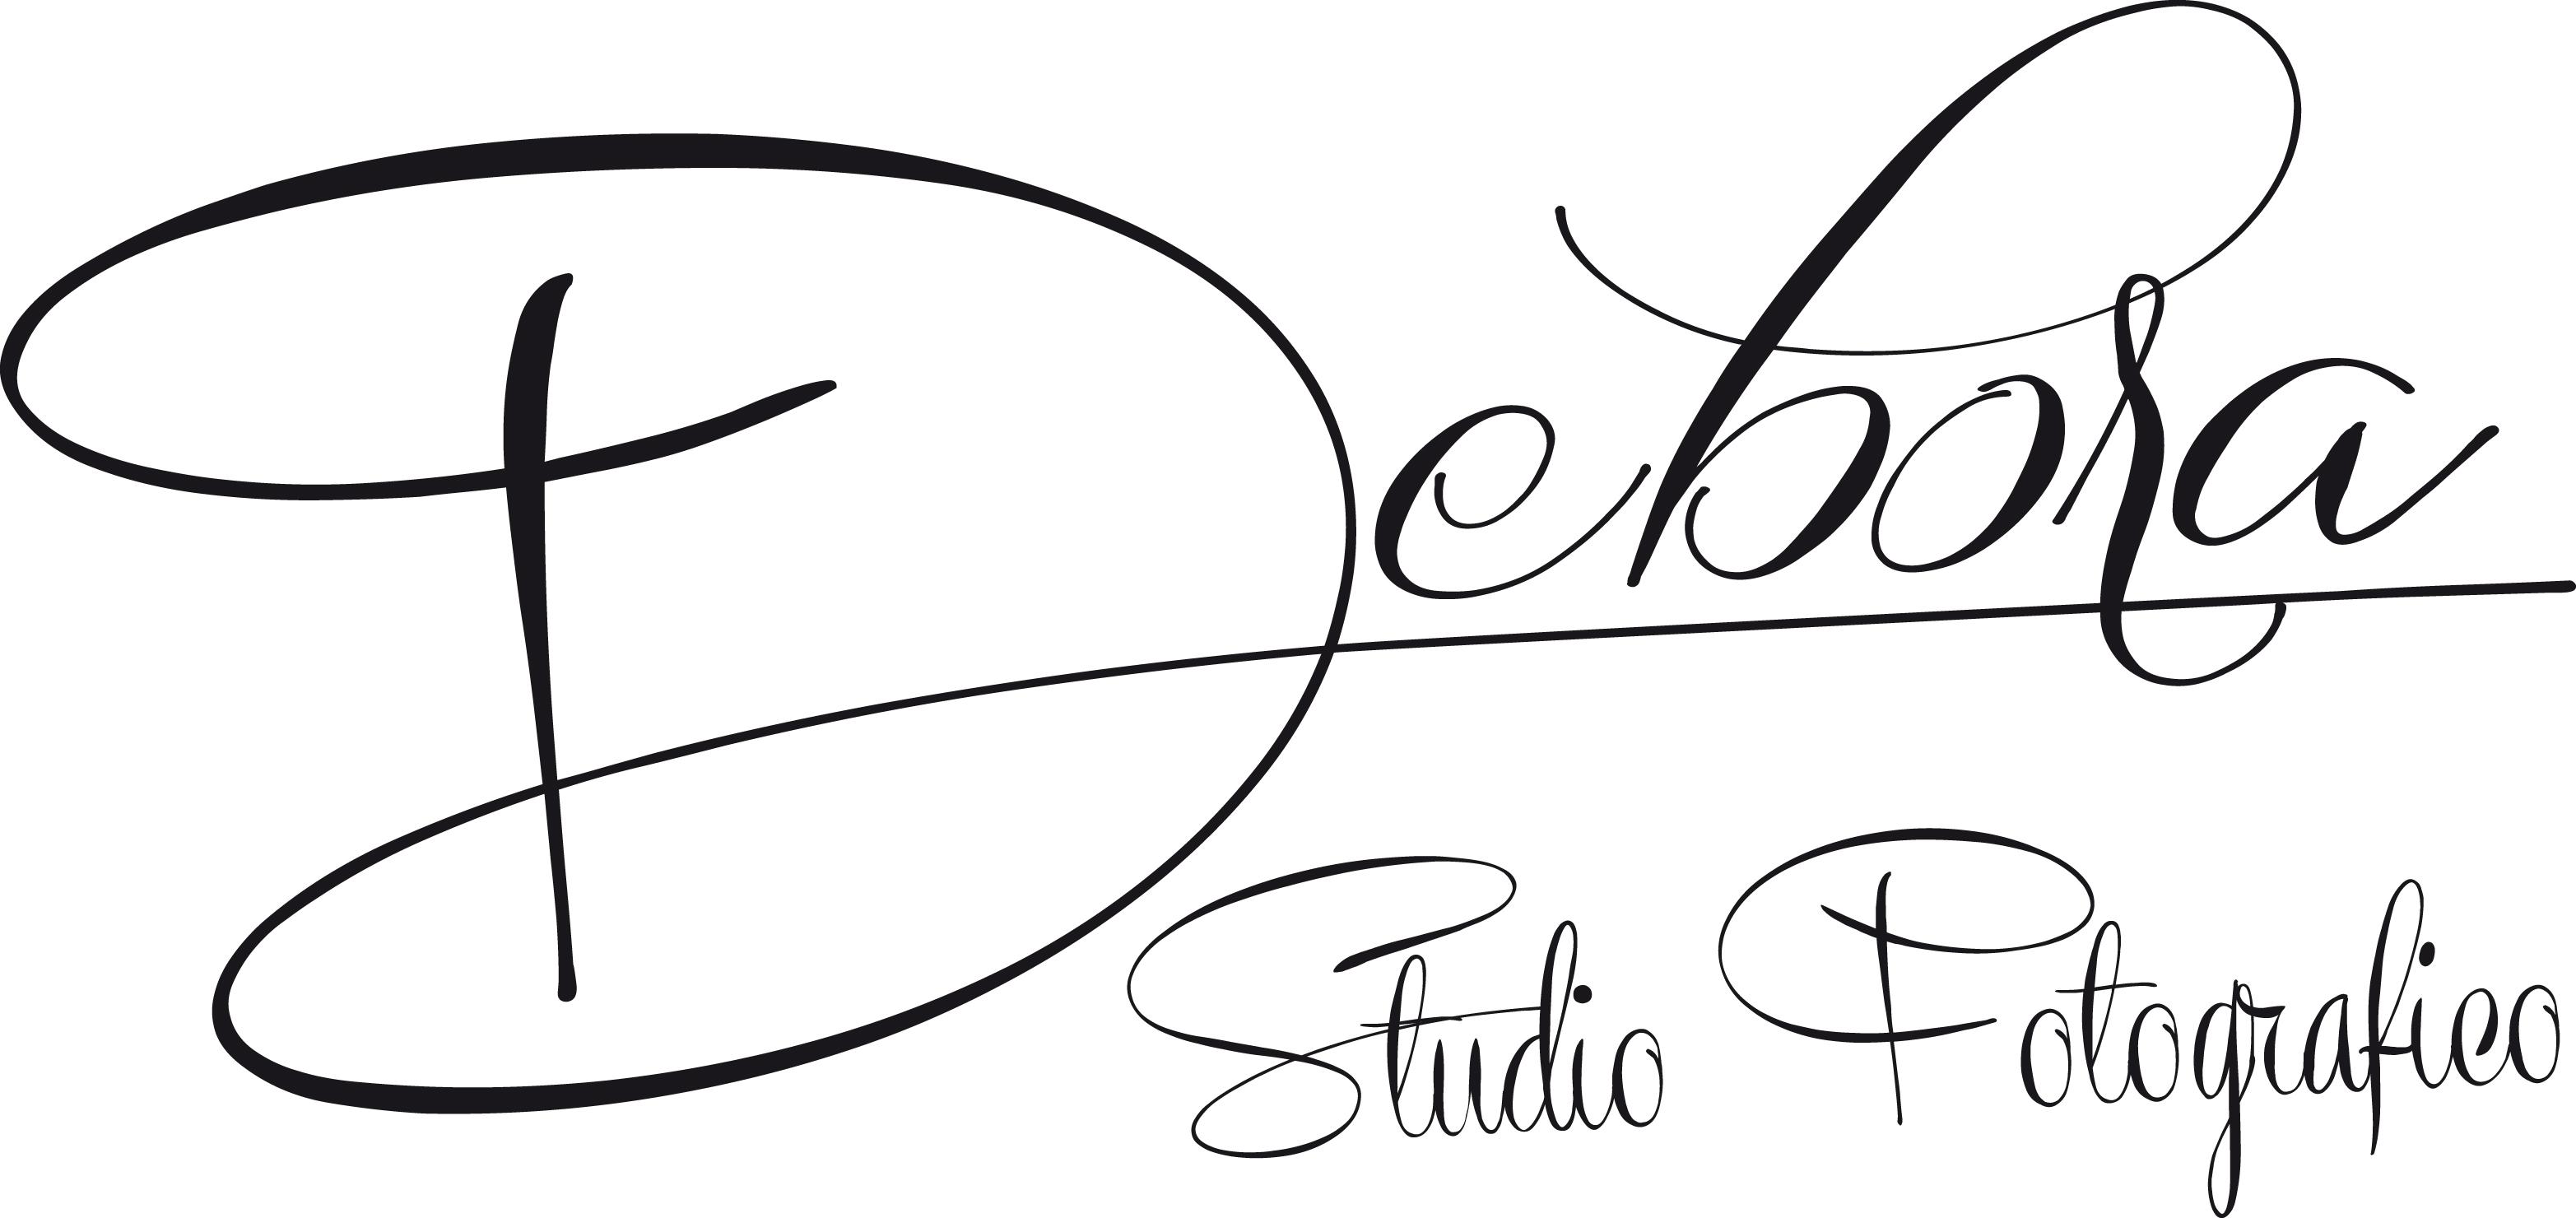 Debora Studio Fotografico